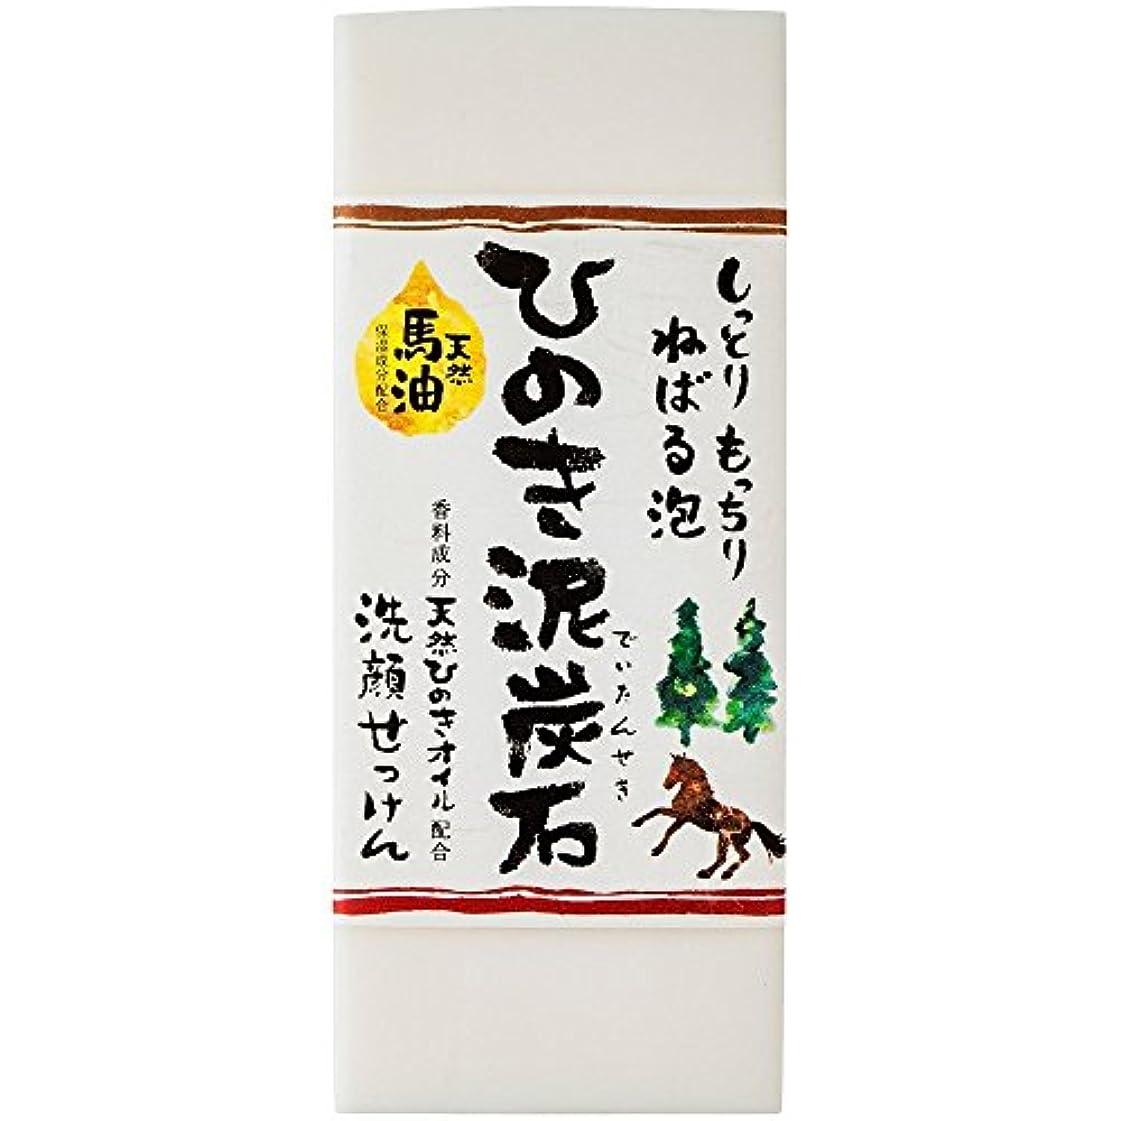 水素美的緩やかなひのき泥炭石 洗顔せっけん うるおいタイプ 150g